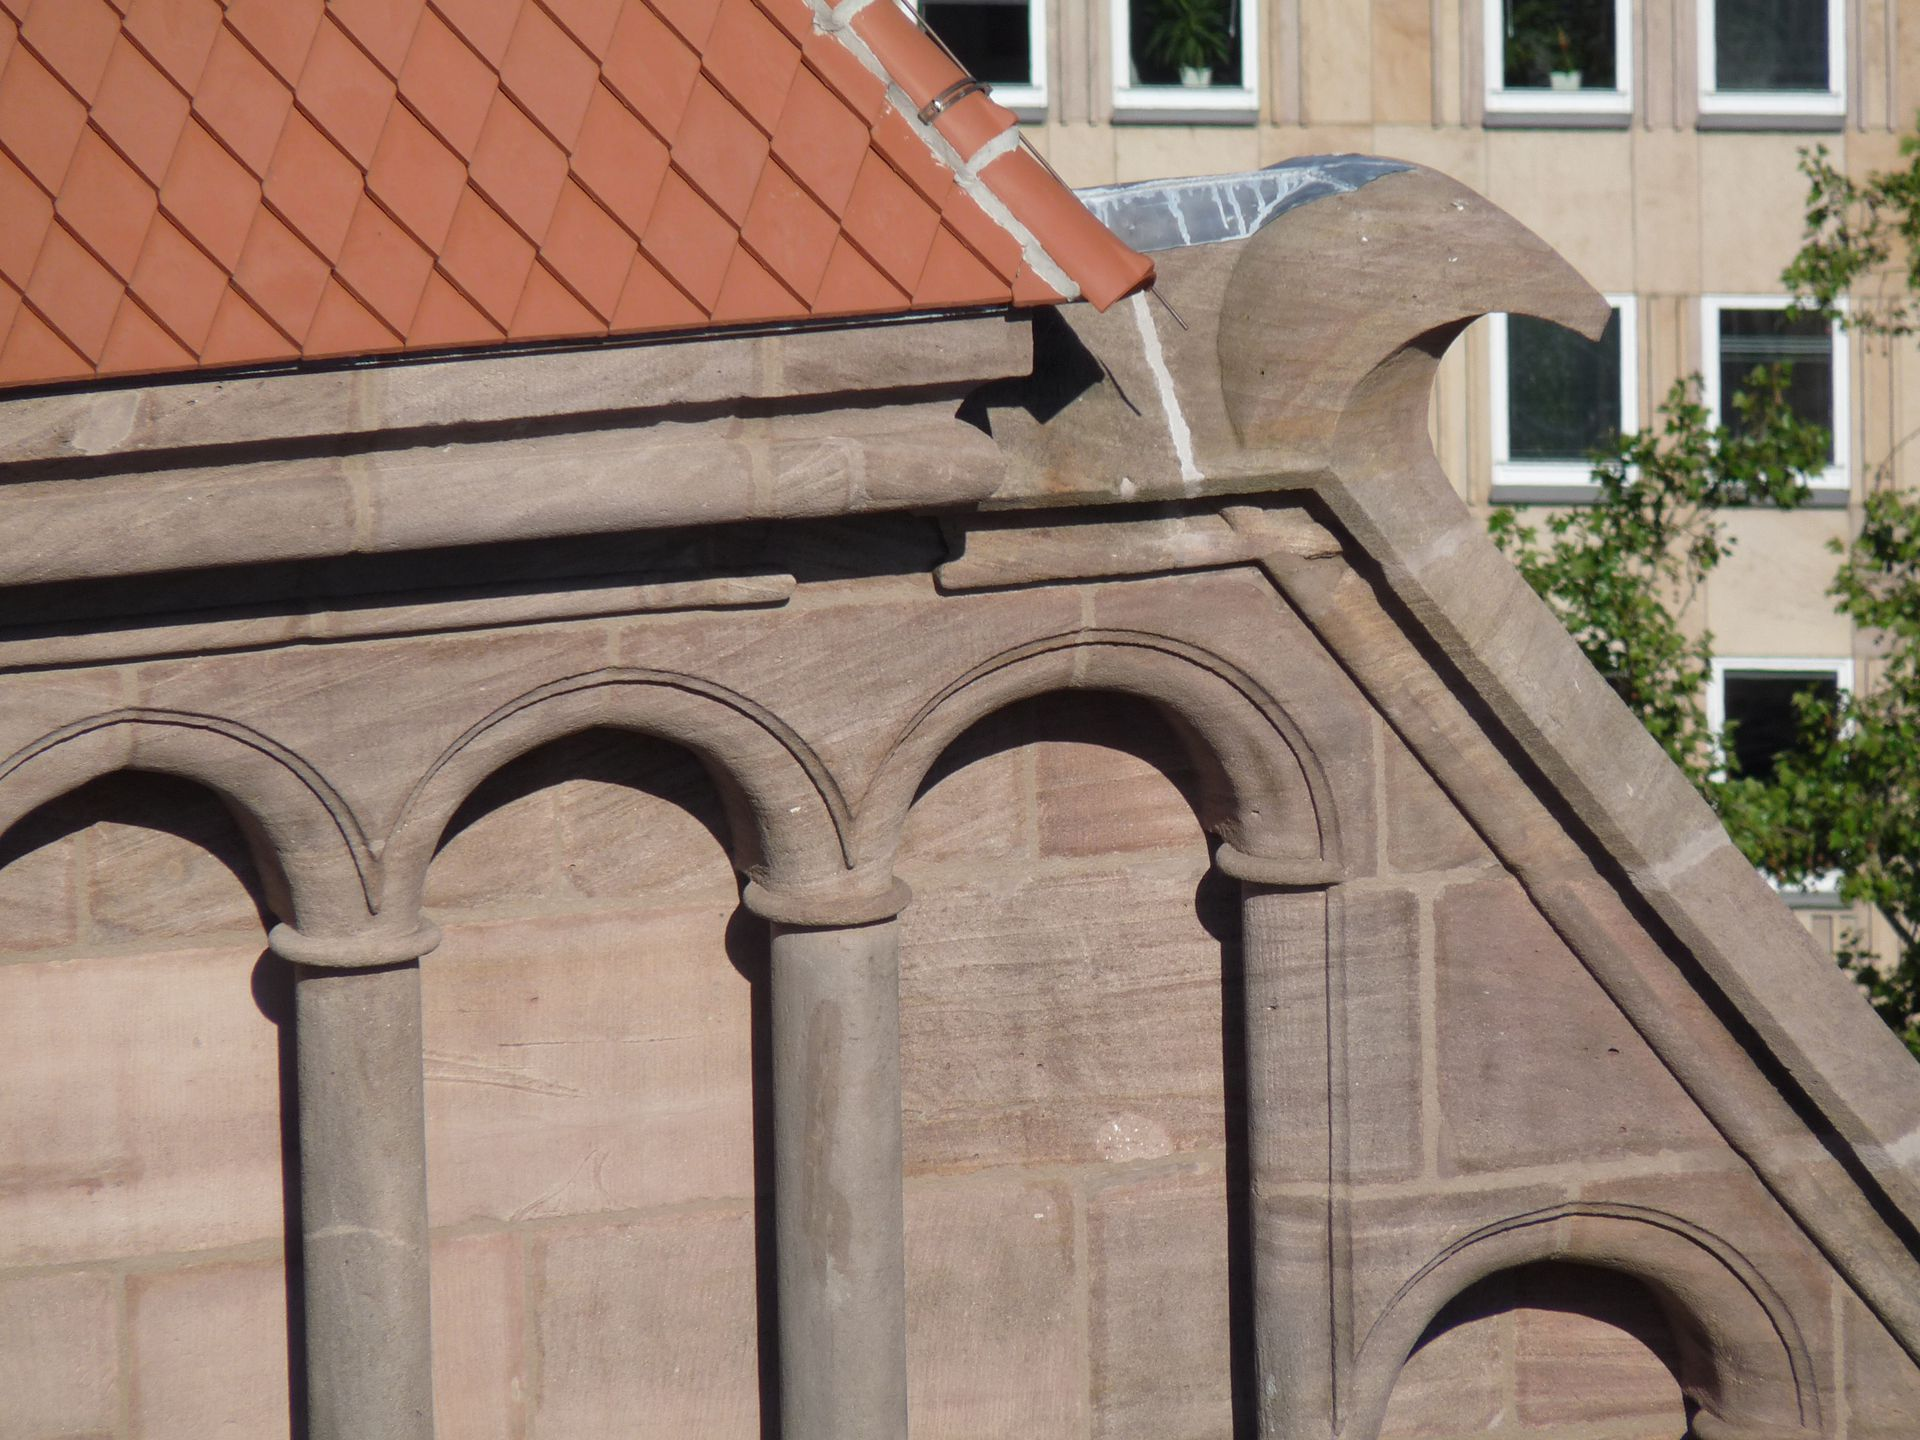 St. Lorenz, Chor Westgiebel mit seitlicher Überstabung und Haken